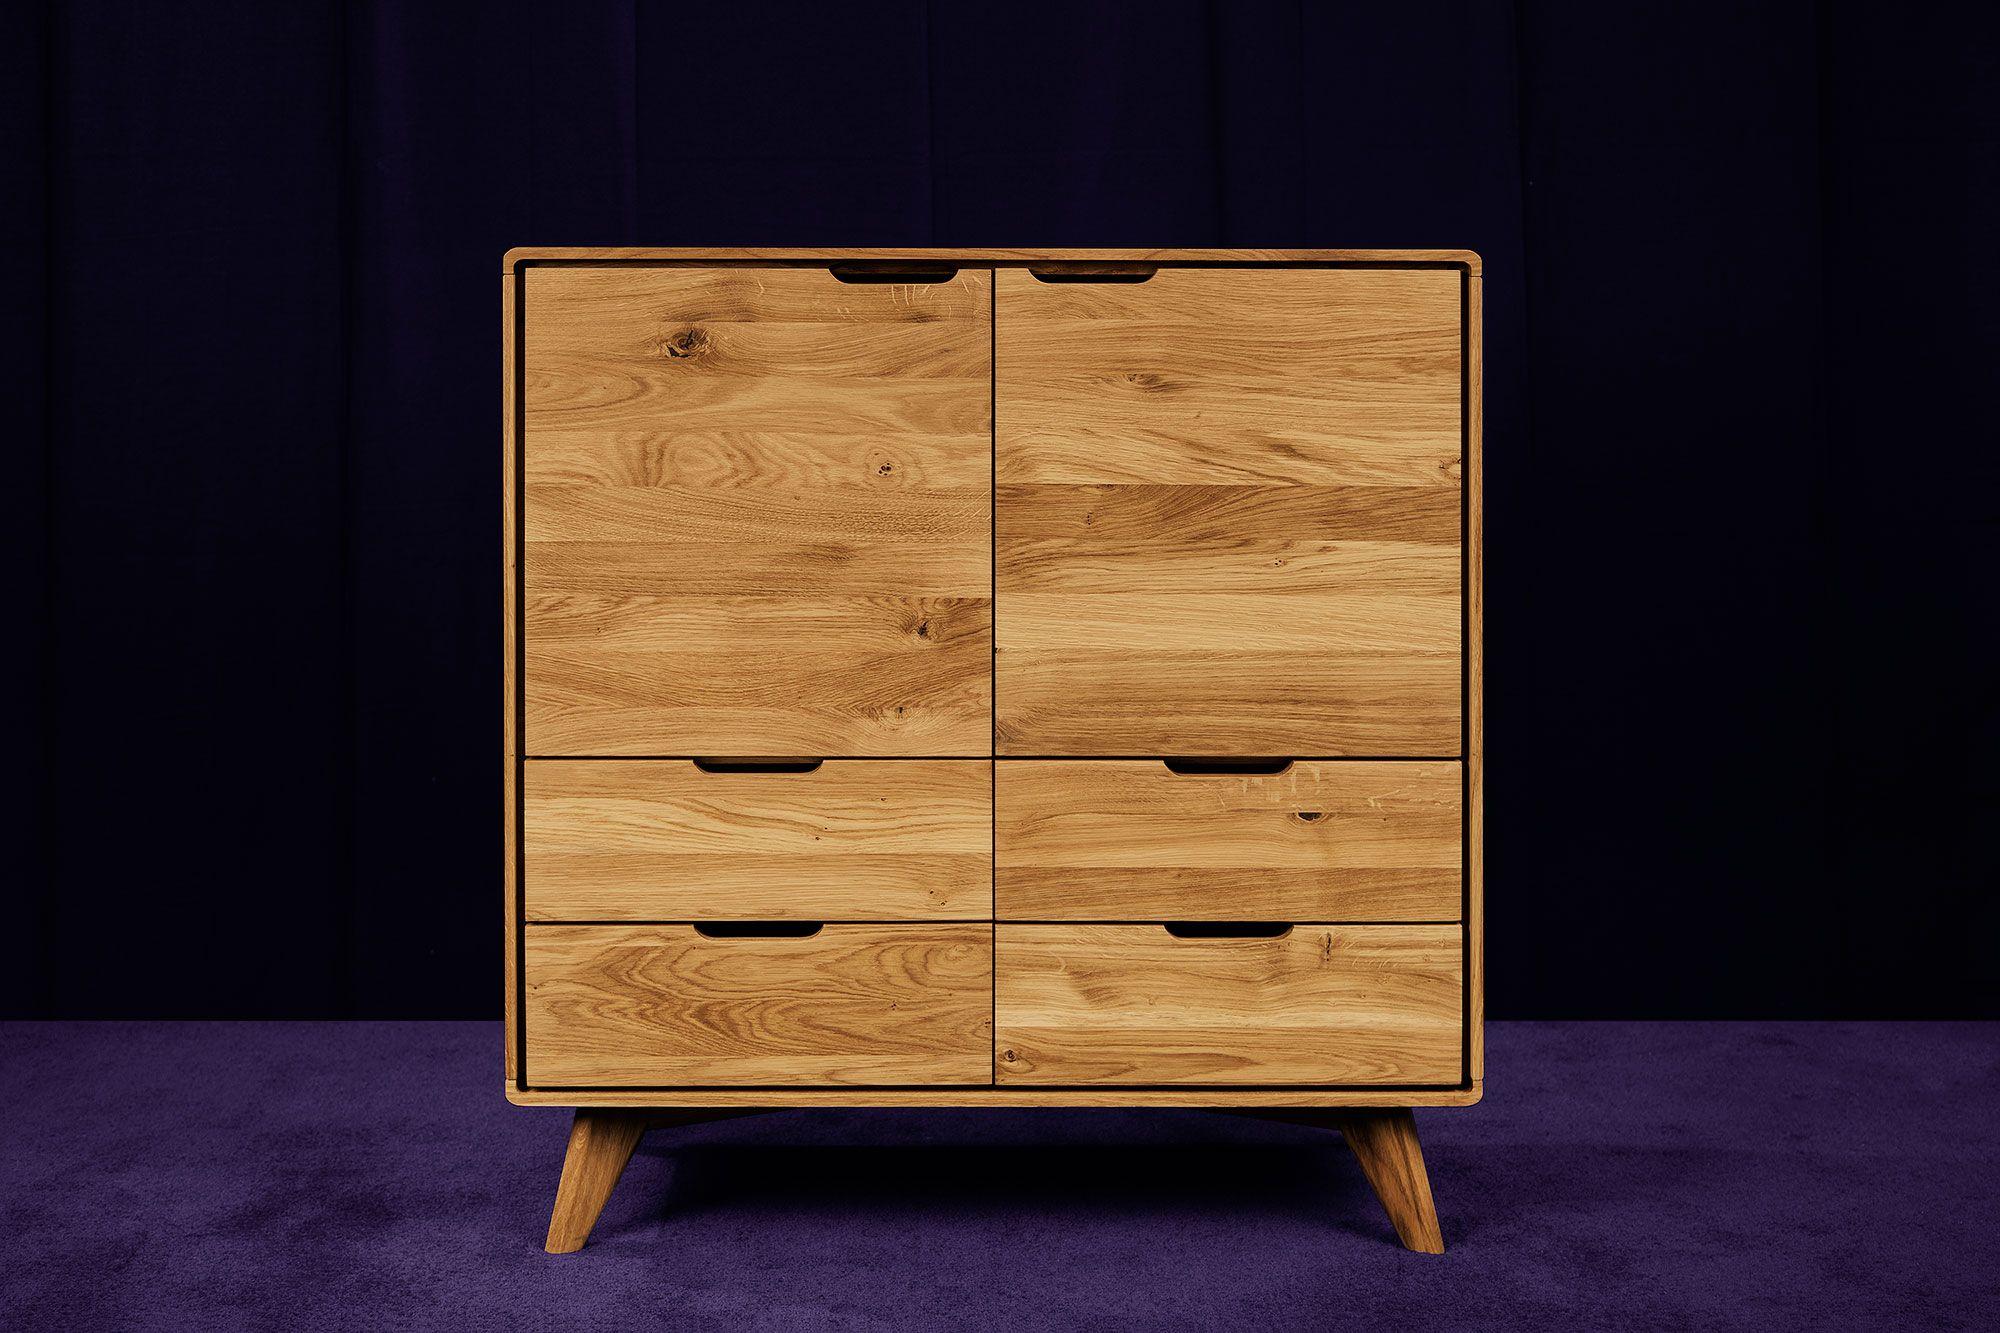 Wohnzimmer spiegelmöbel sideboard der serie malmÖ aus europäischem wildeichenholz ein mix